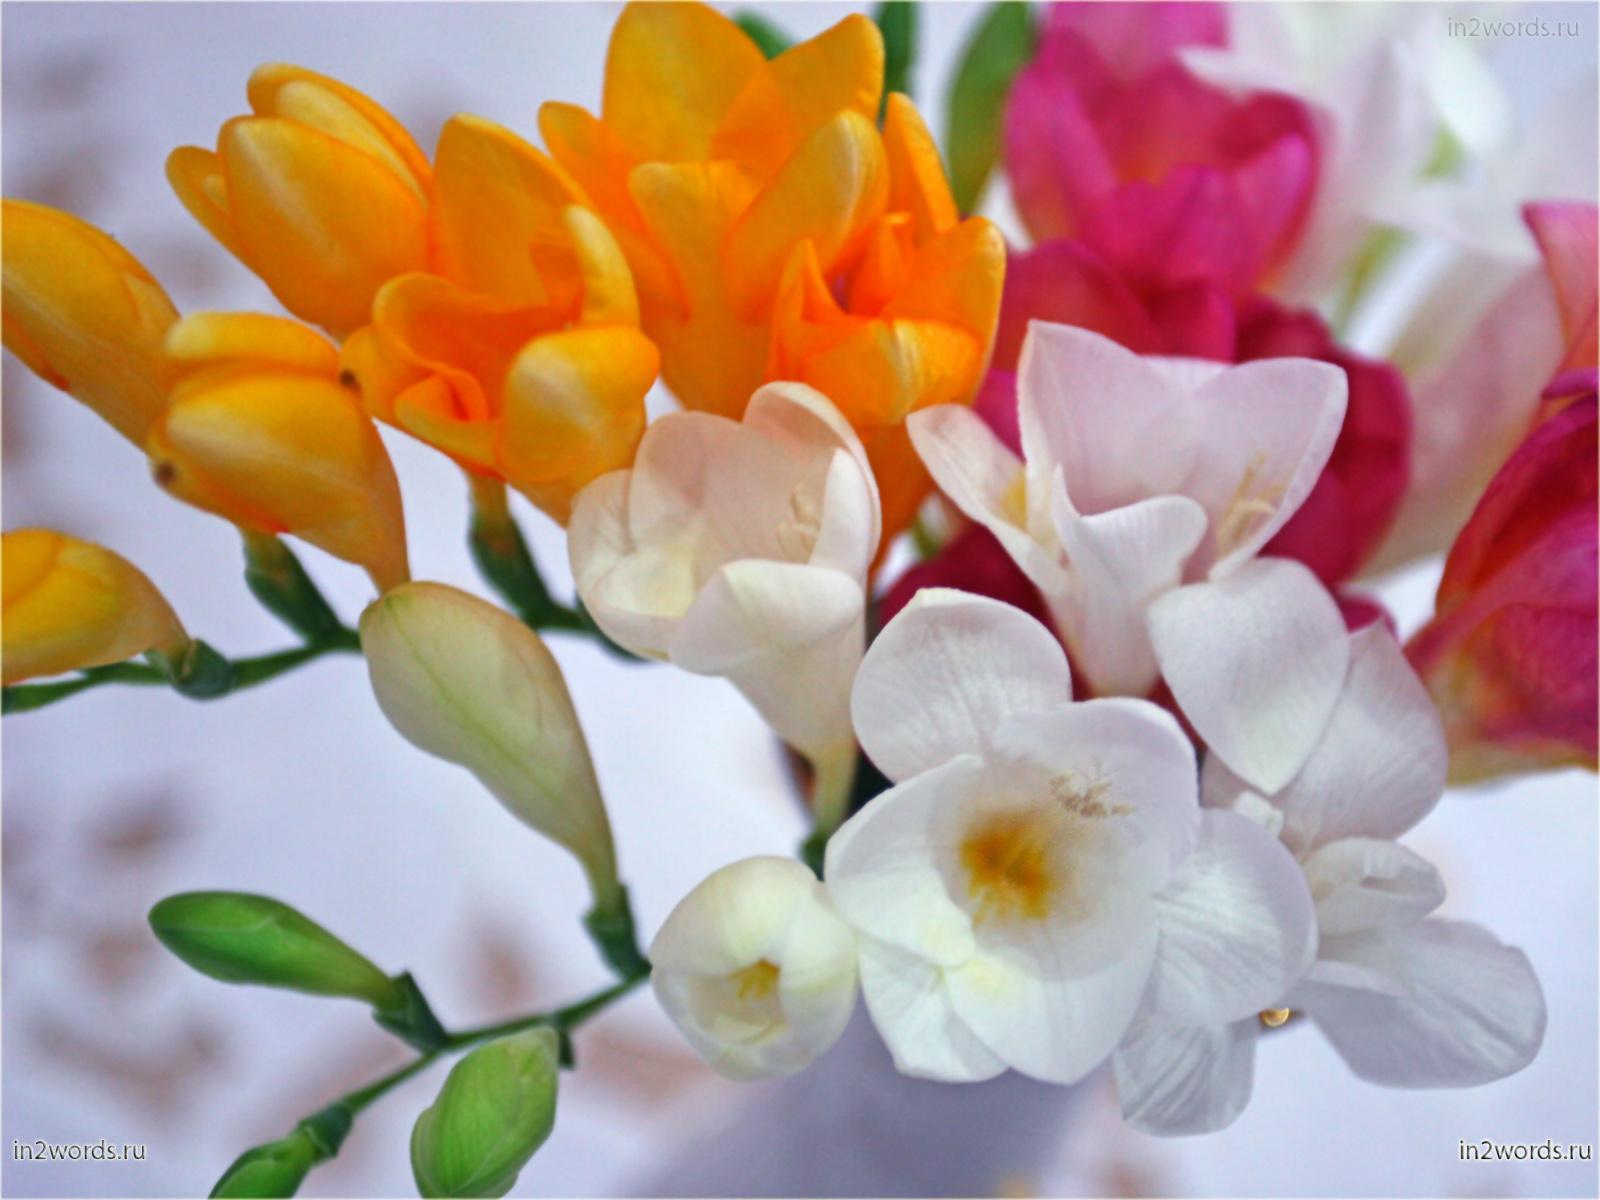 Фрезии. Очень нежные и ароматные весенние цветы в маленьком букете.